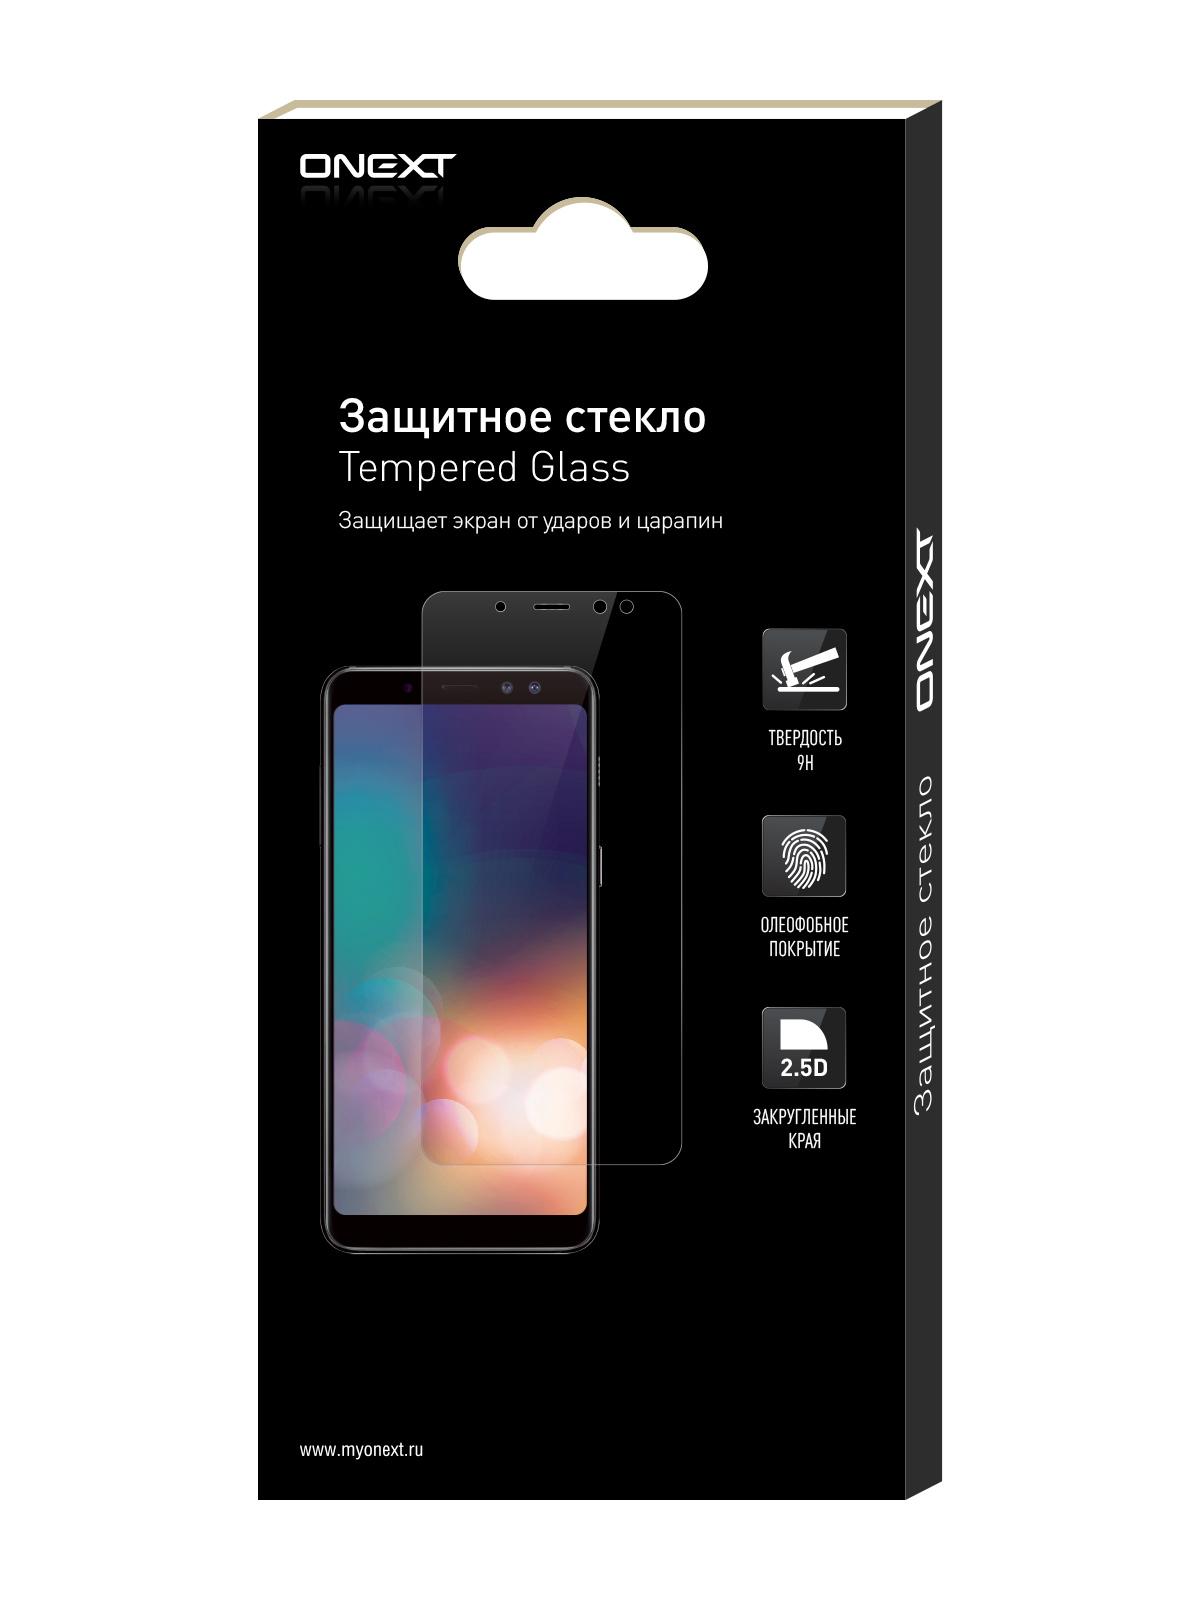 Защитное стекло ONEXT для Huawei Nova 2 Plus